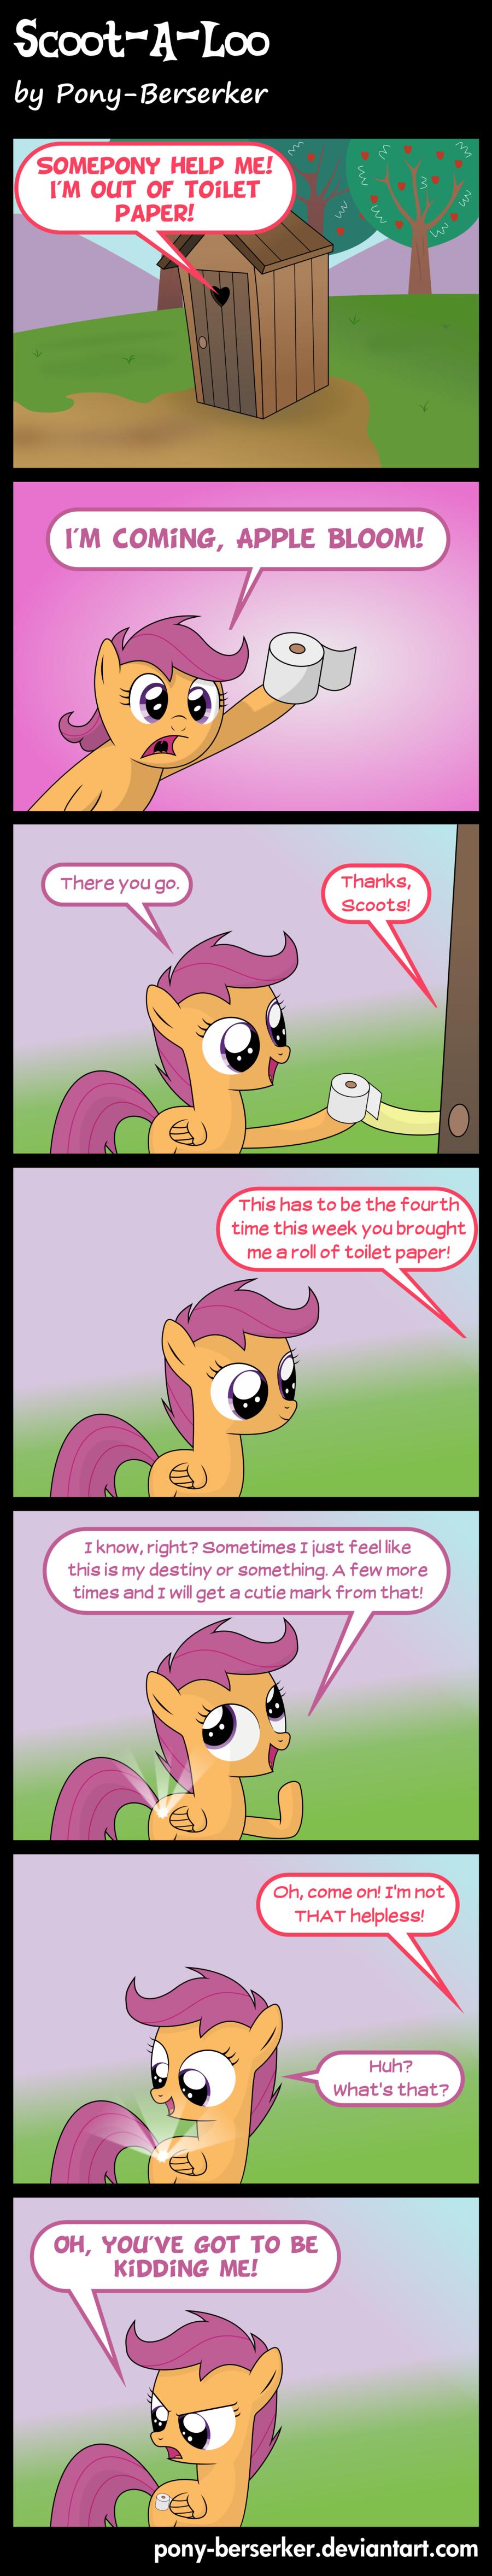 Scoot-A-Loo by ~Pony-Berserker. . Scoot-A-Loo by ~Pony-Berserker